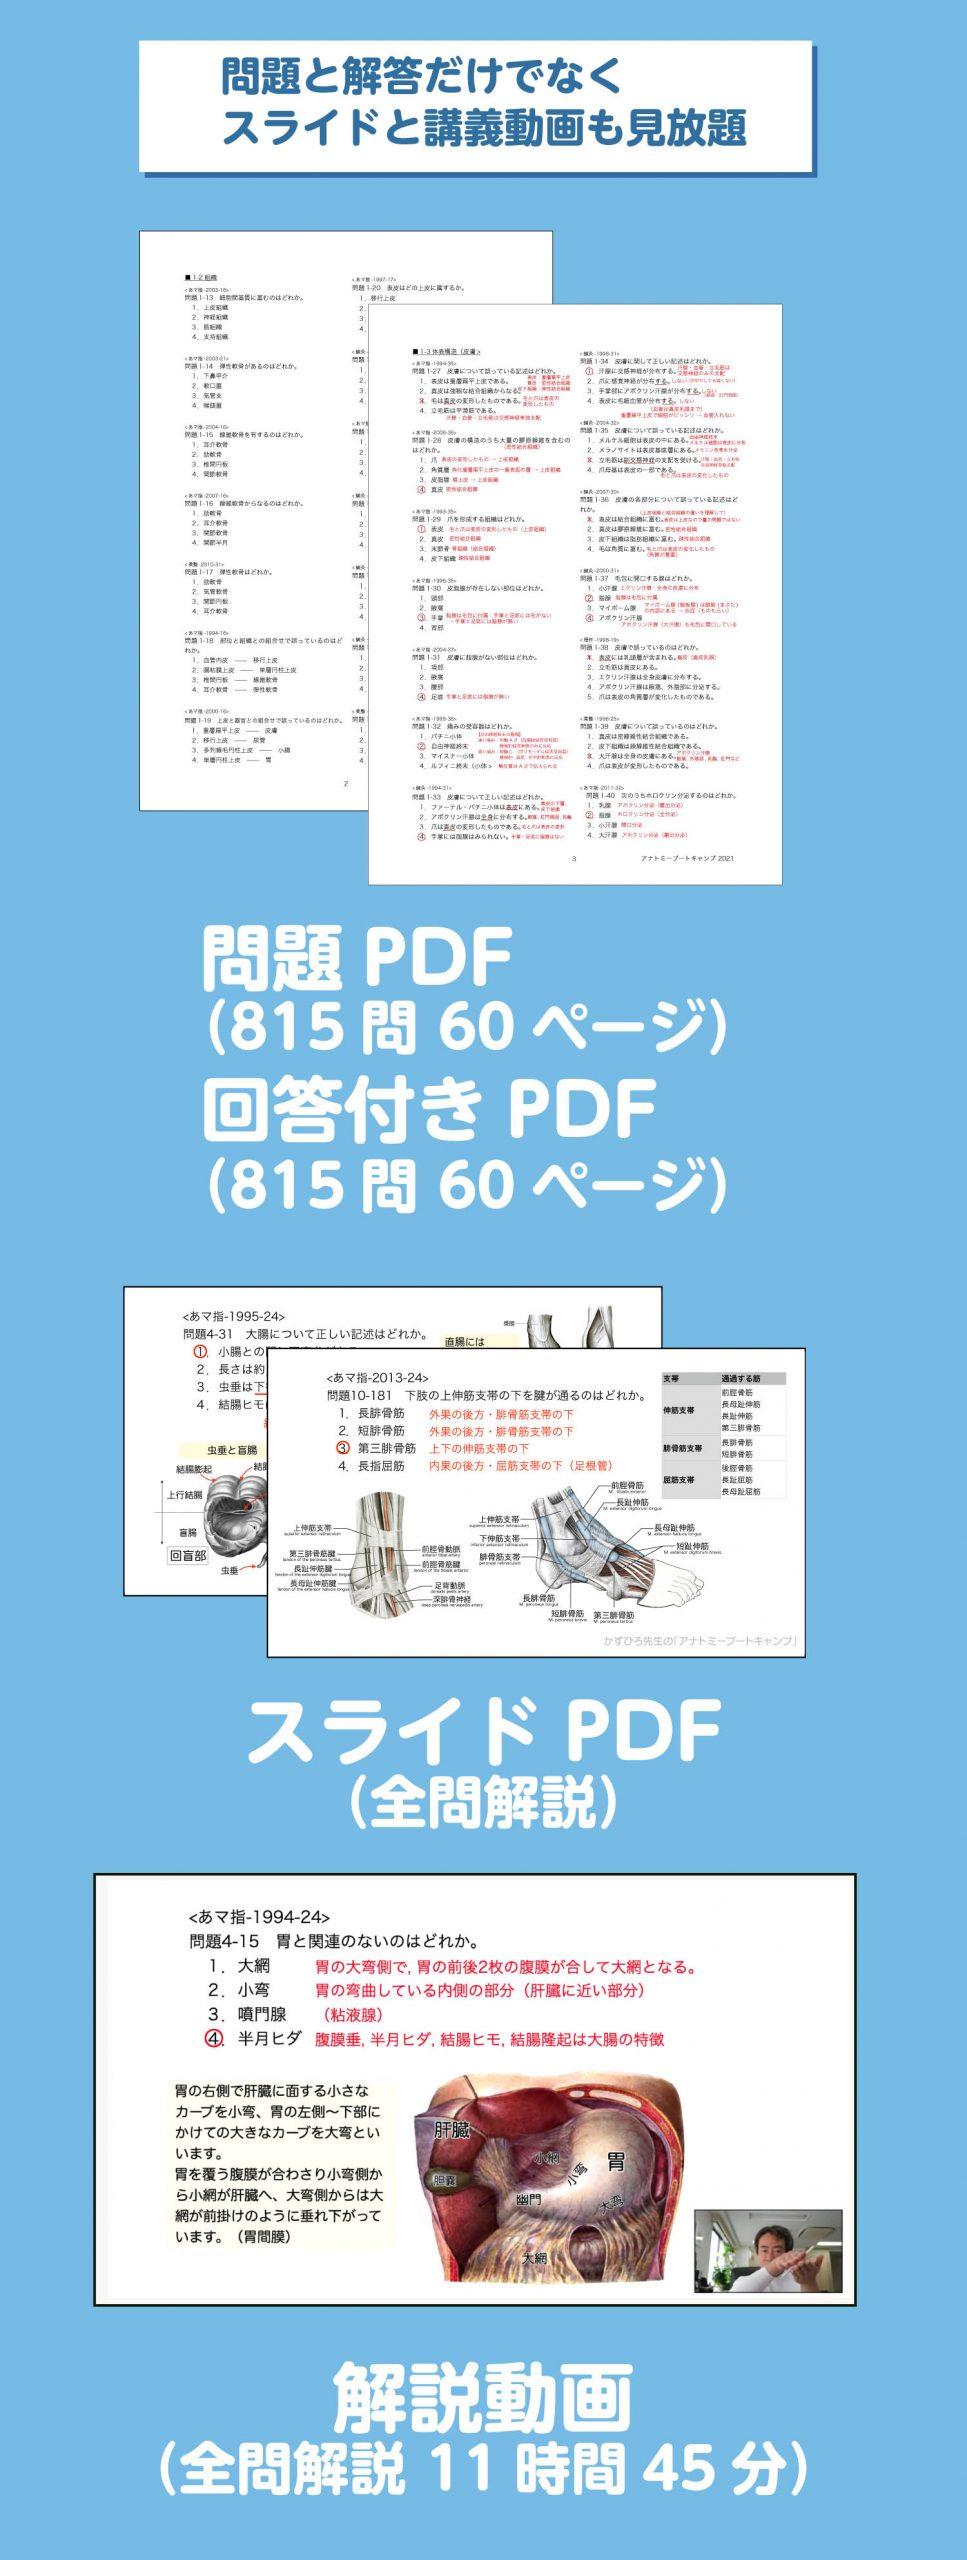 問題と解答だけでなくスライドと講義動画も見放題 問題PDF 815問60ページ,解答付きPDF 815問 60ページ, スライドPDF(全問解説),解説動画(全問解説11時間45分)